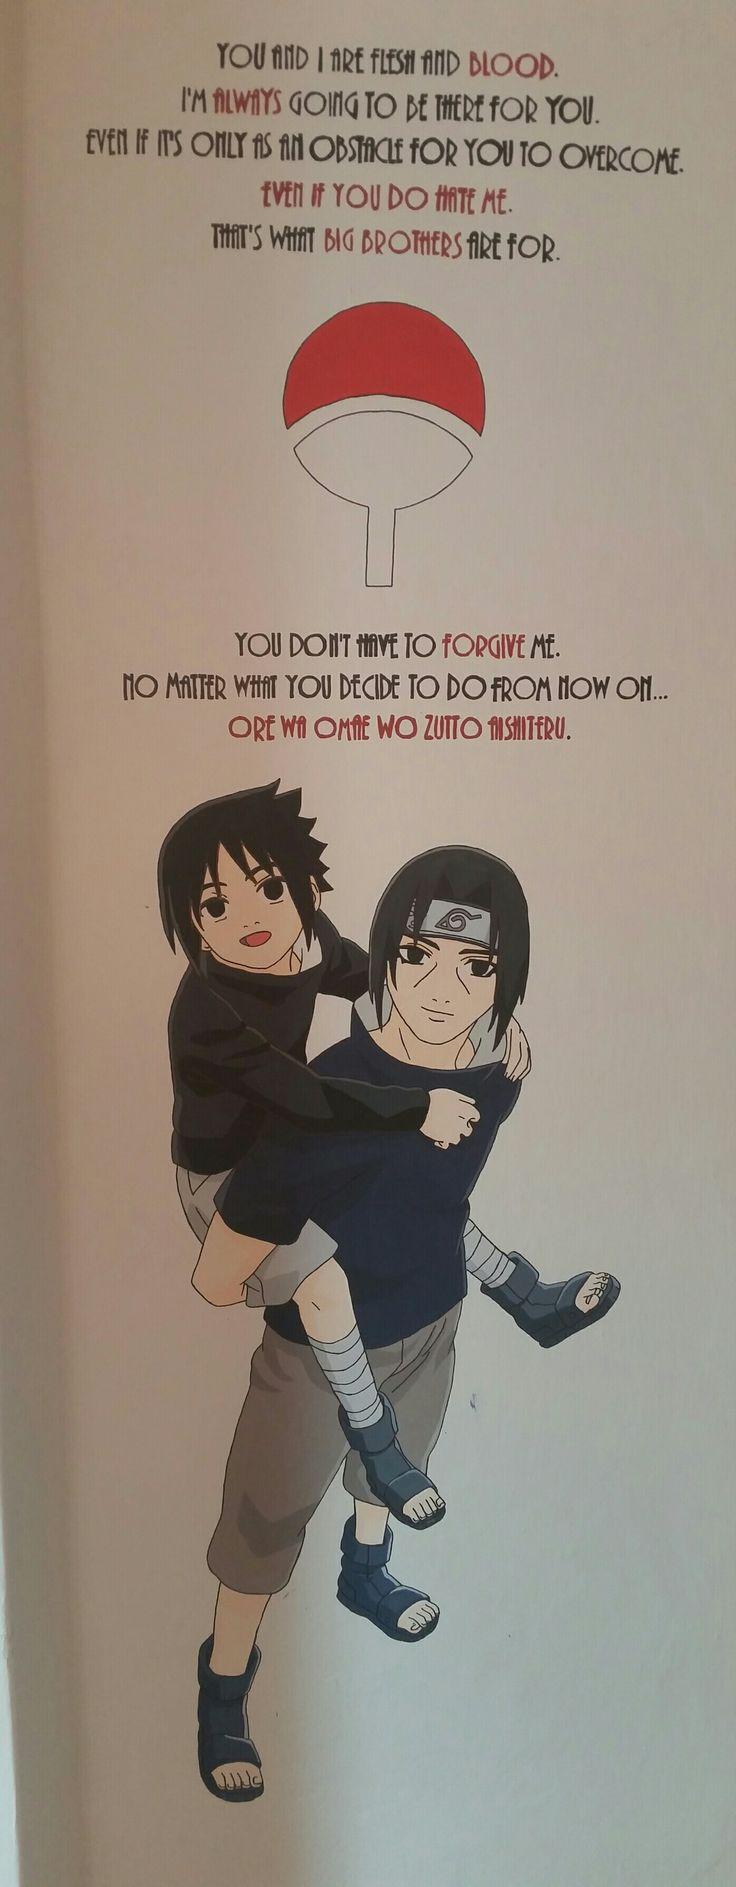 Wall painting | Anime/manga: Naruto [Sasuke & Itachi Uchiha]